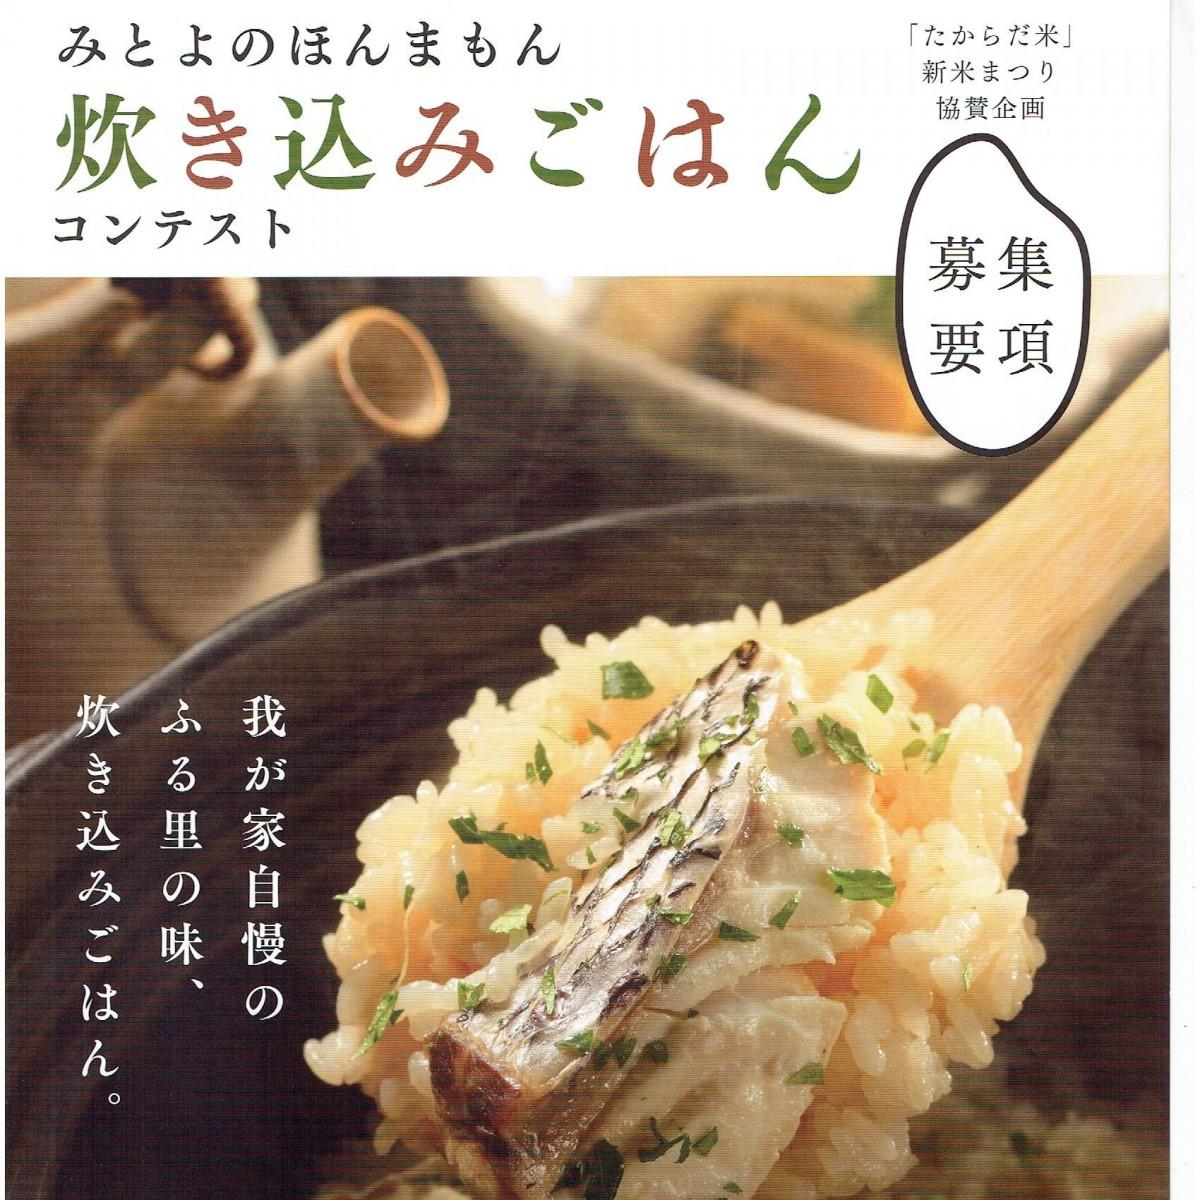 炊込みご飯コンテスト 001